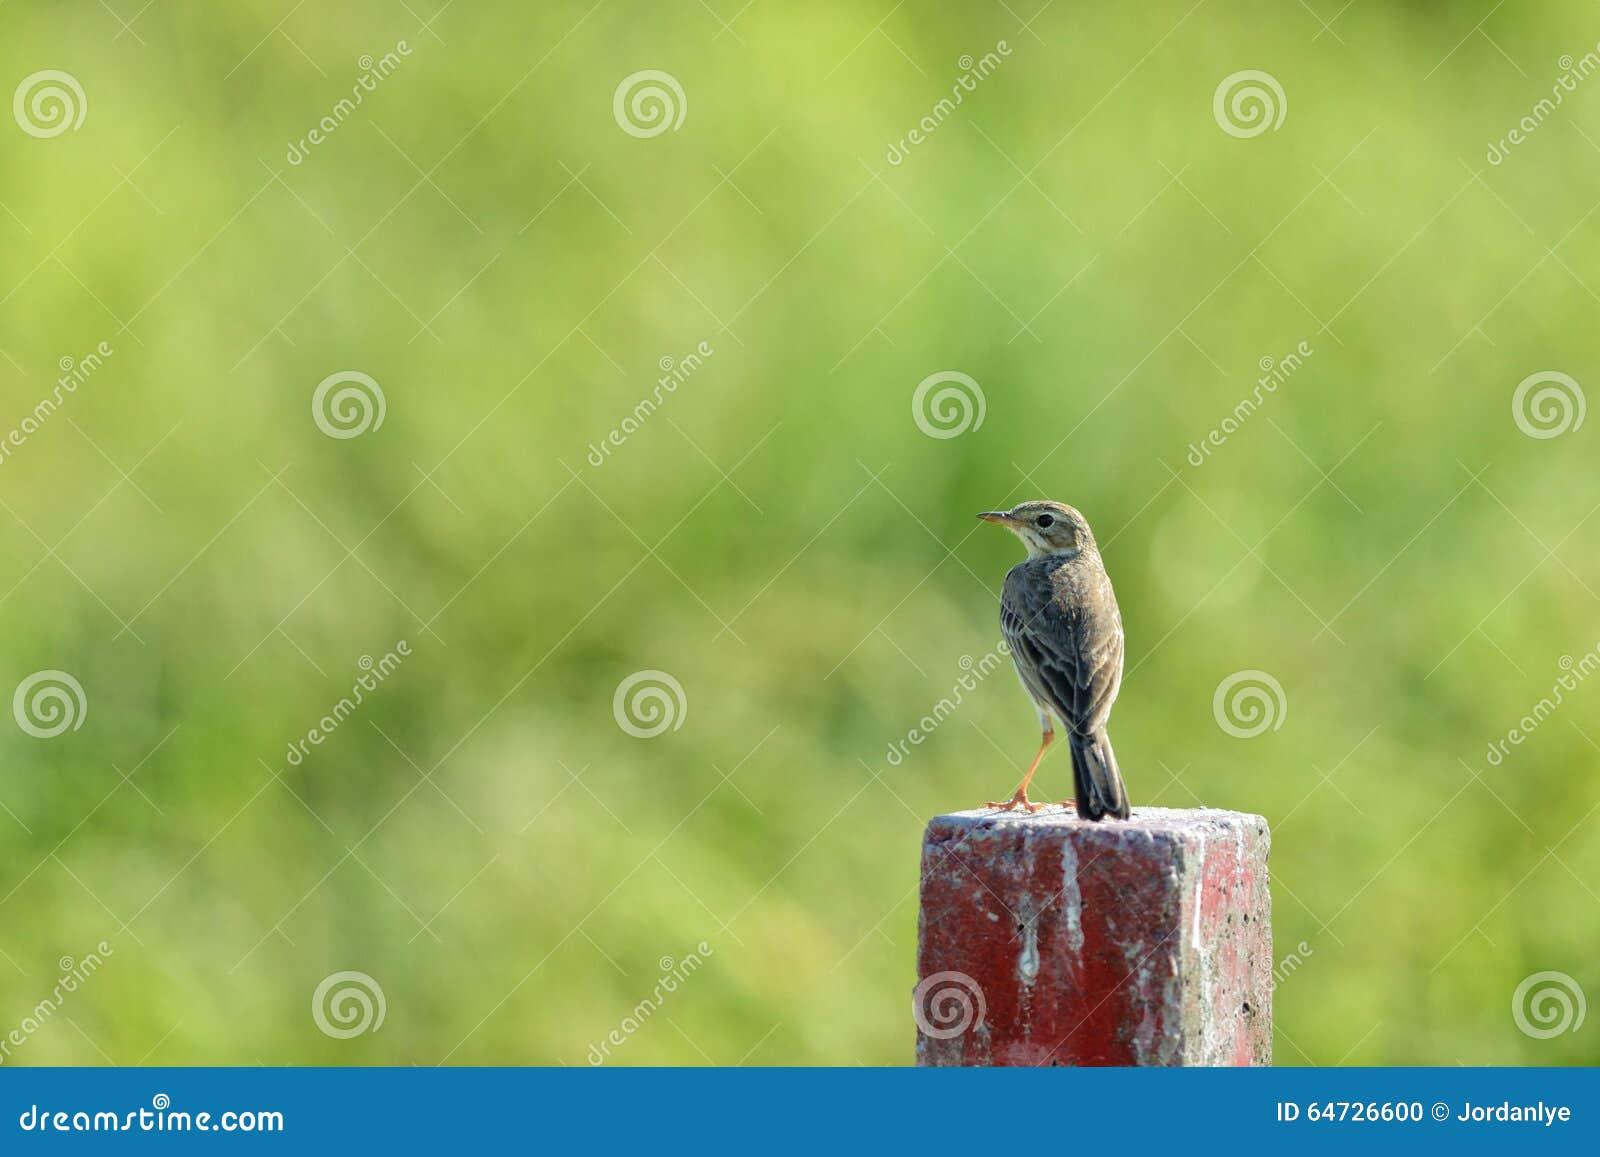 Trastfågelanseende på ett träkvarter